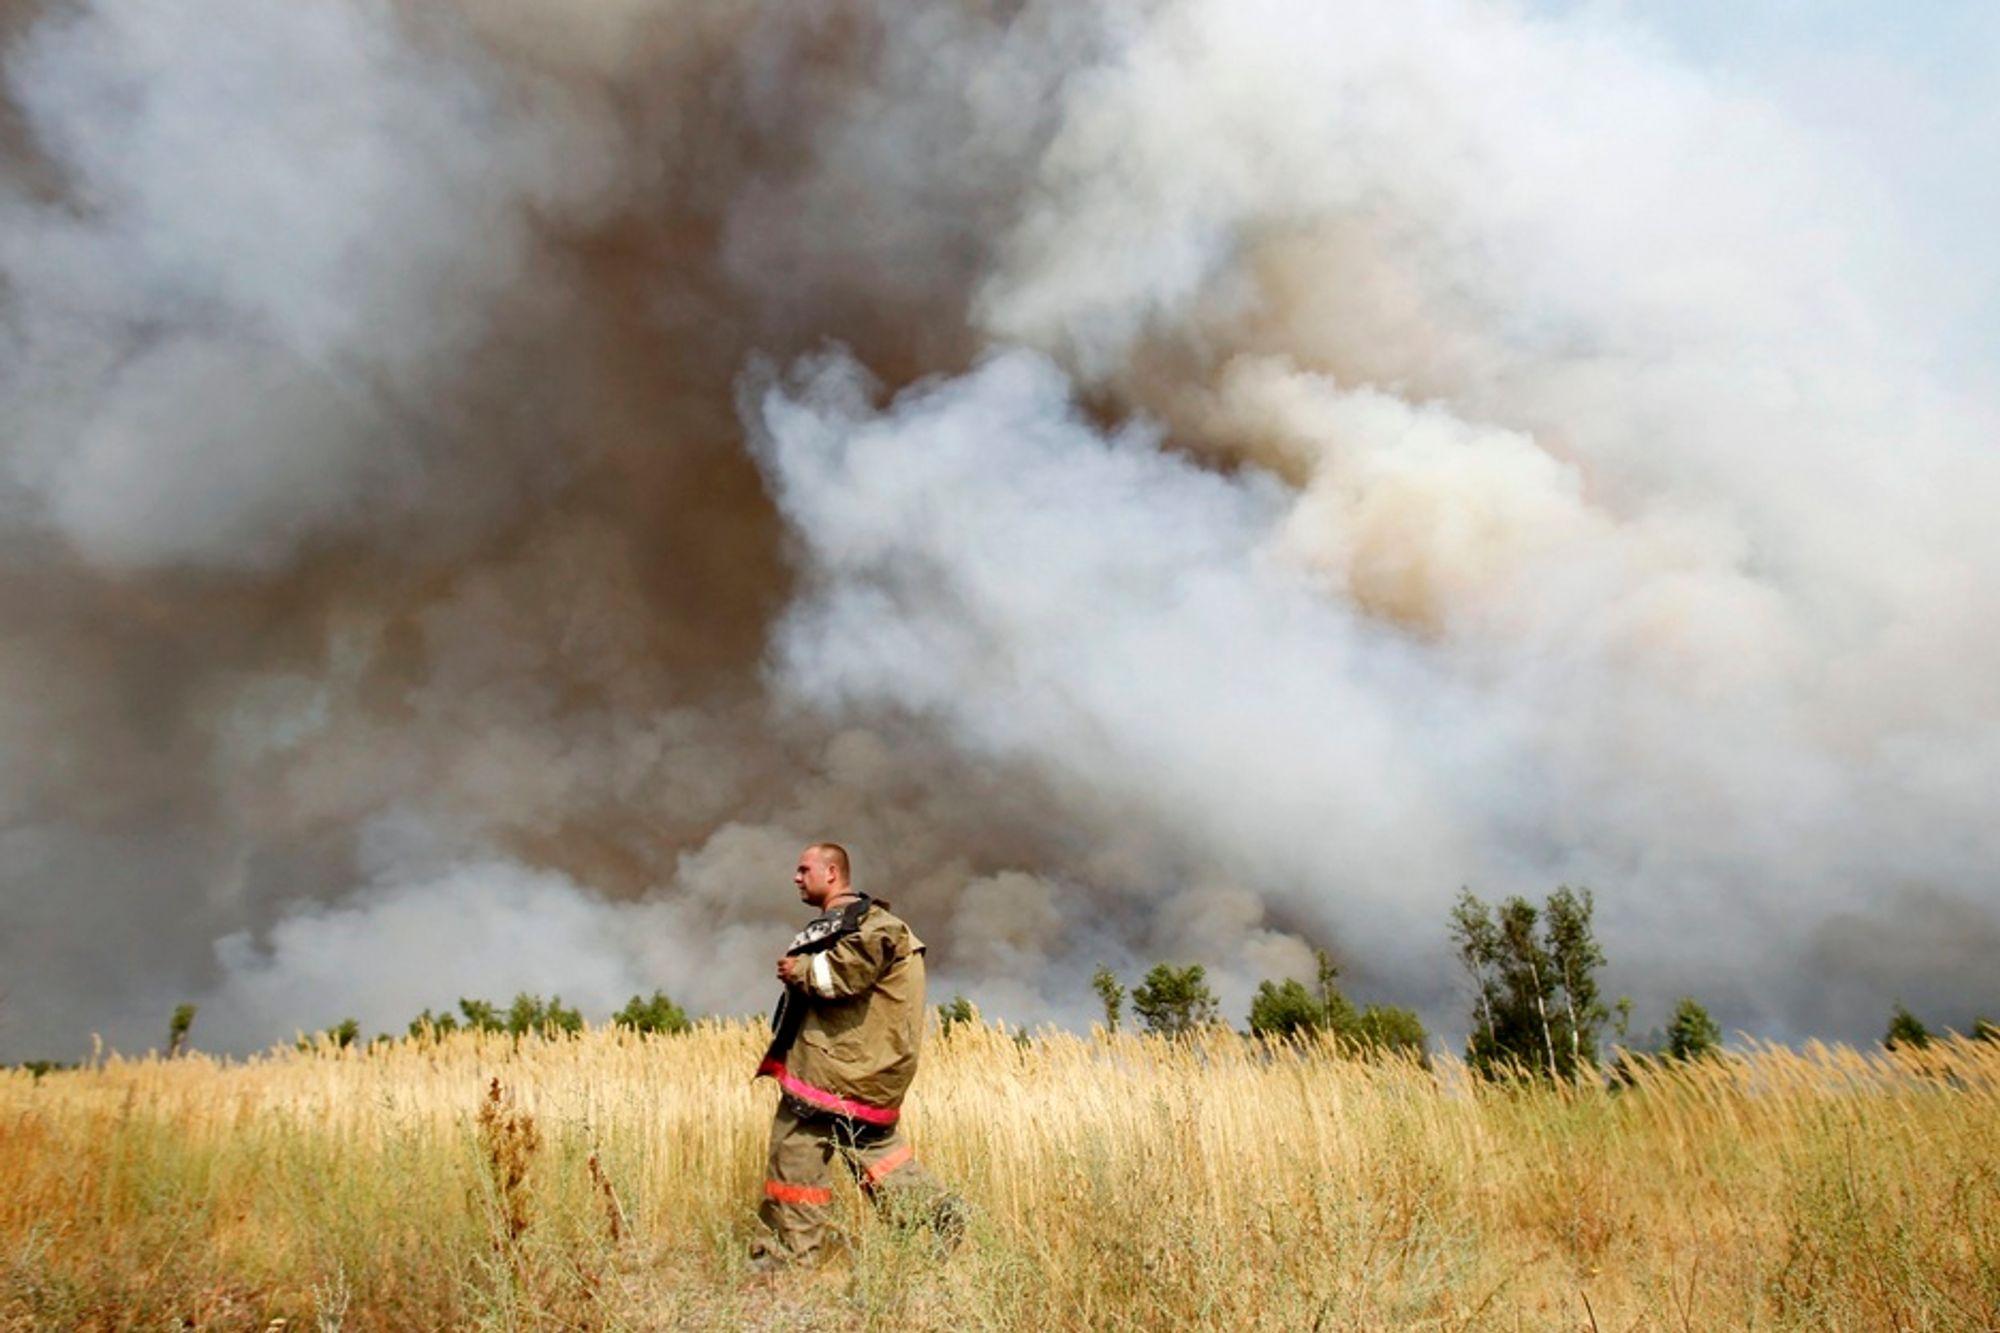 FRYKTER GAMMELT NEDFALL: Brannene i Russland sprer seg fortsatt ukontrollert. Miljøorganisasjoner frykter spredning av radioaktivitet dersom områder dekket av nedfall fra Tsjernobyl- og Majak-ulykkene settes i brann.